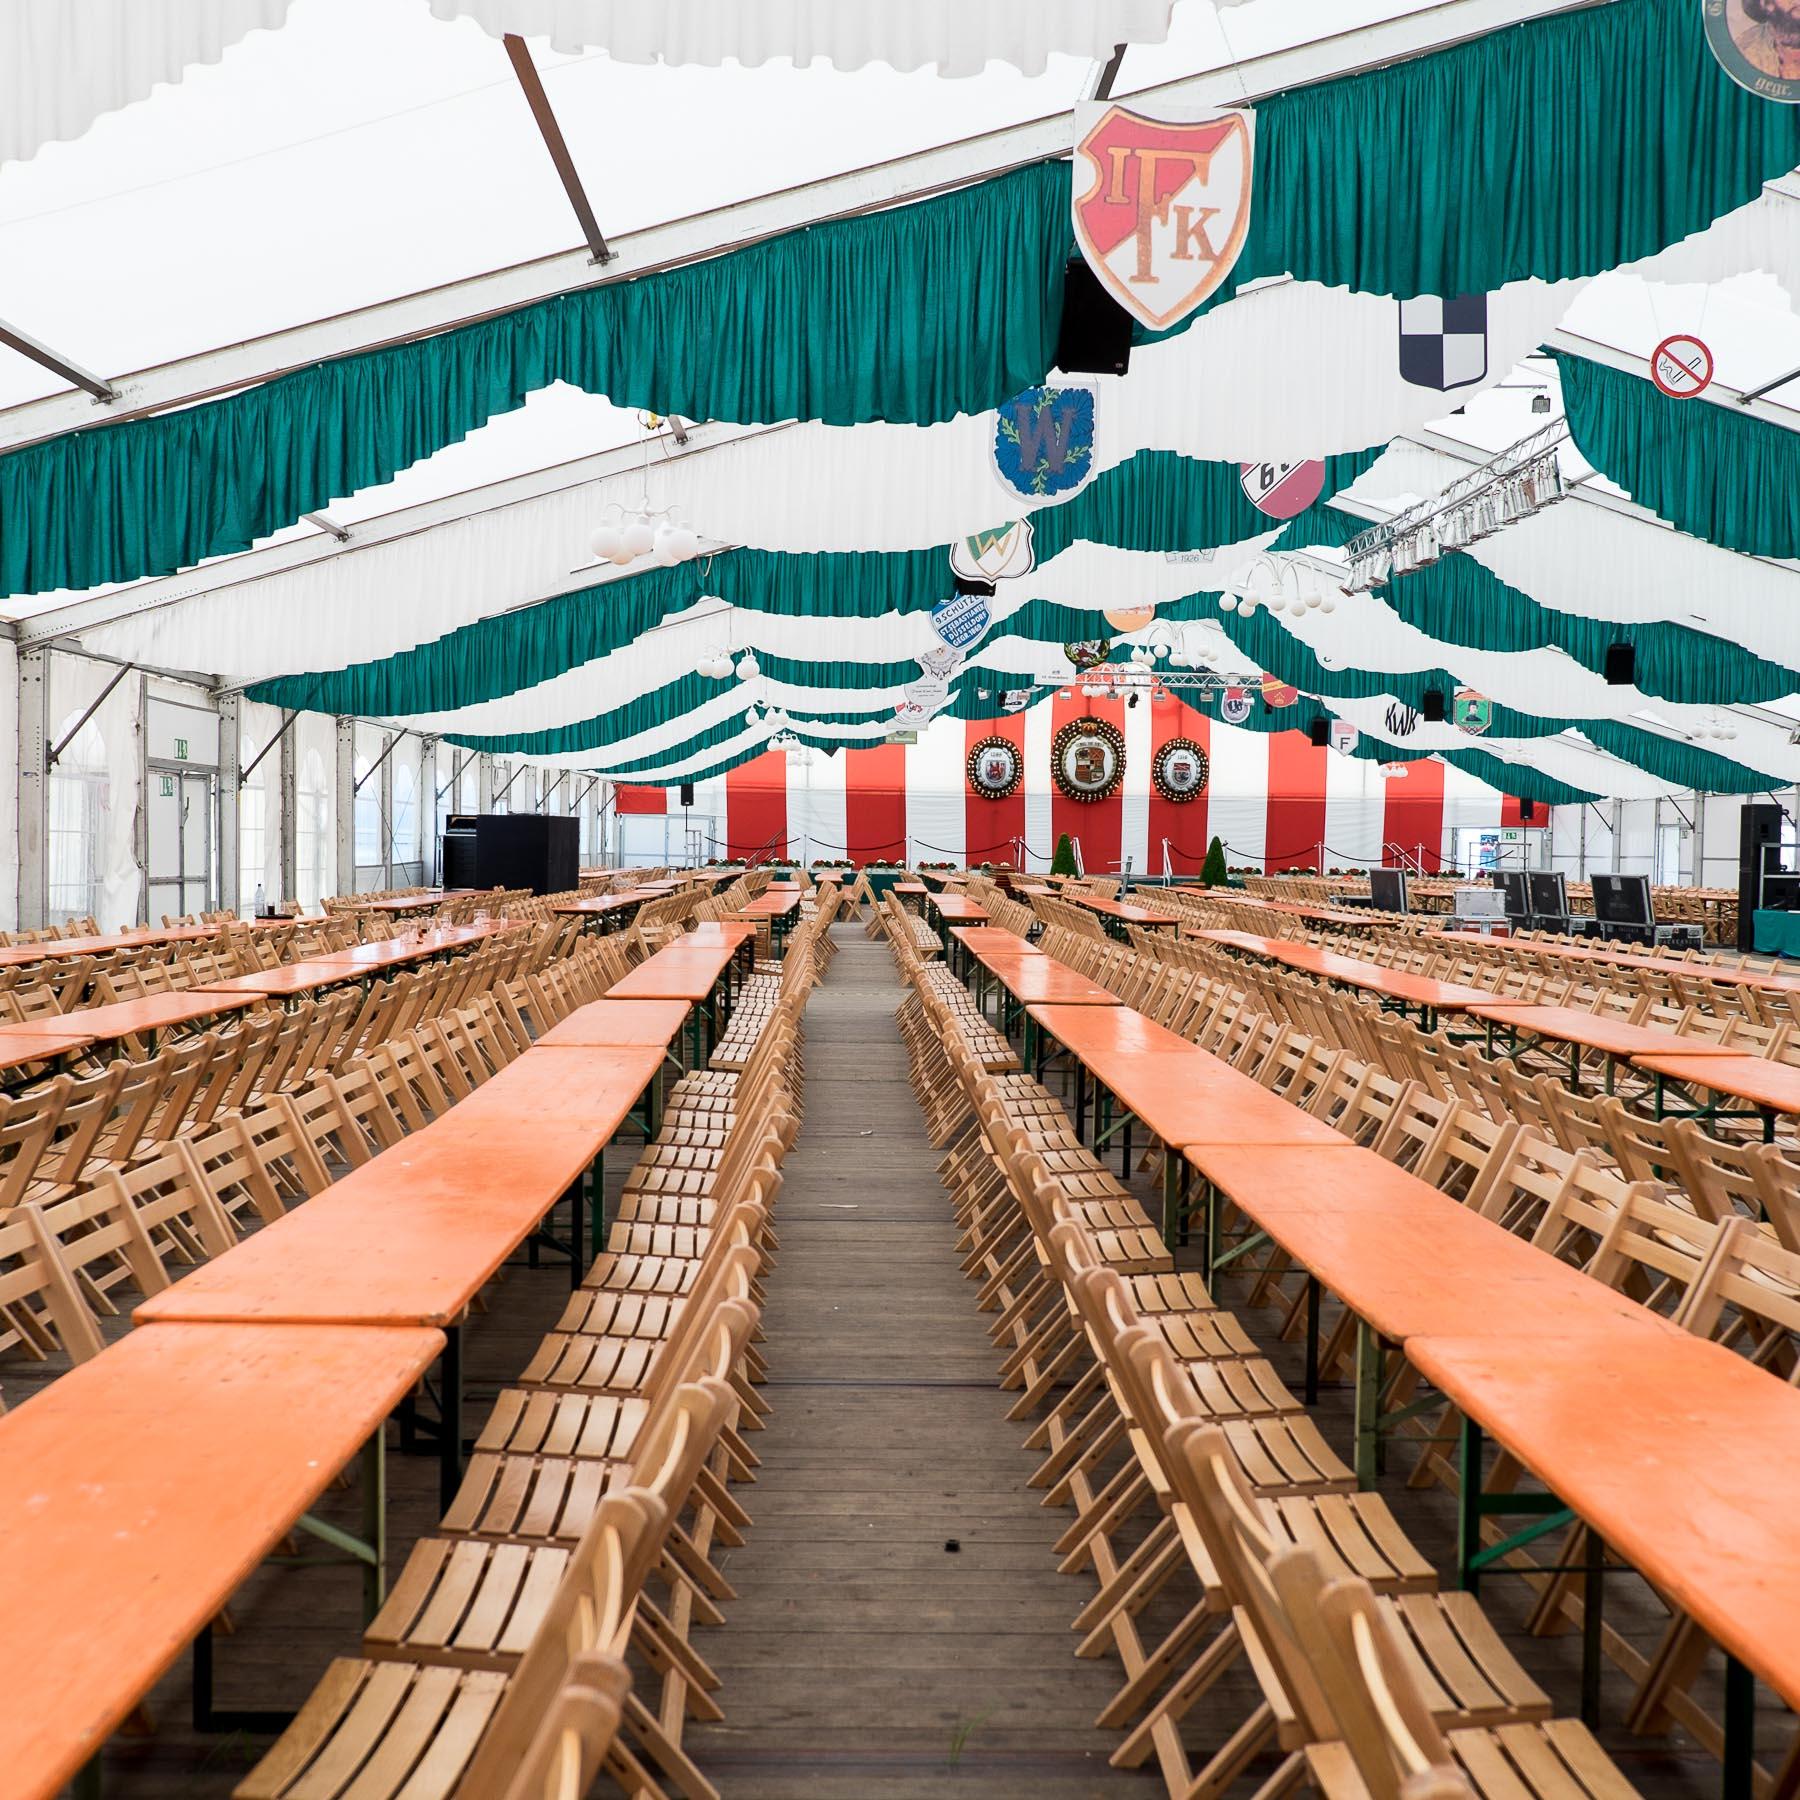 16.07.2015 - Kirmes am Rhein Düsseldorf einen Tag vor der Eröffnung